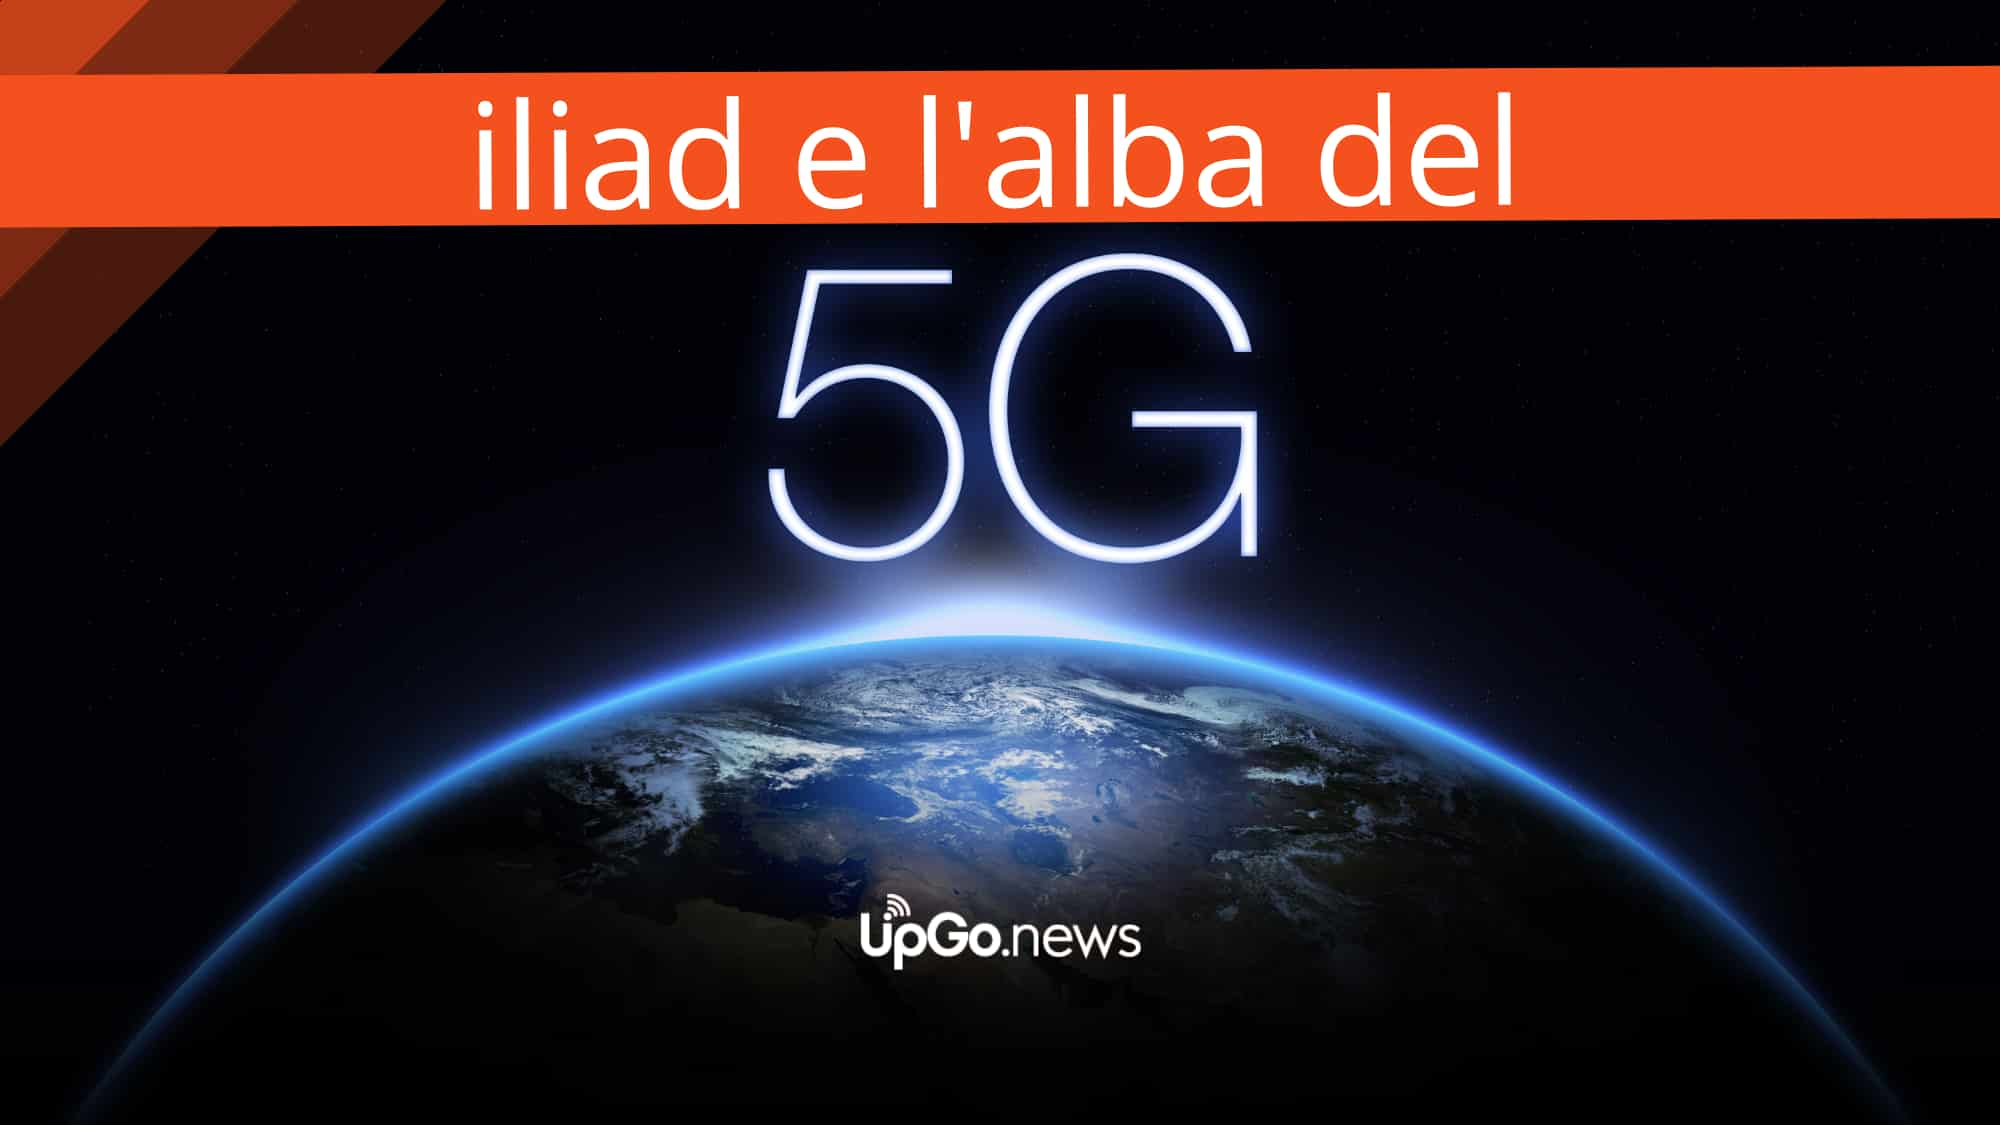 Iliad e l'alba del 5G